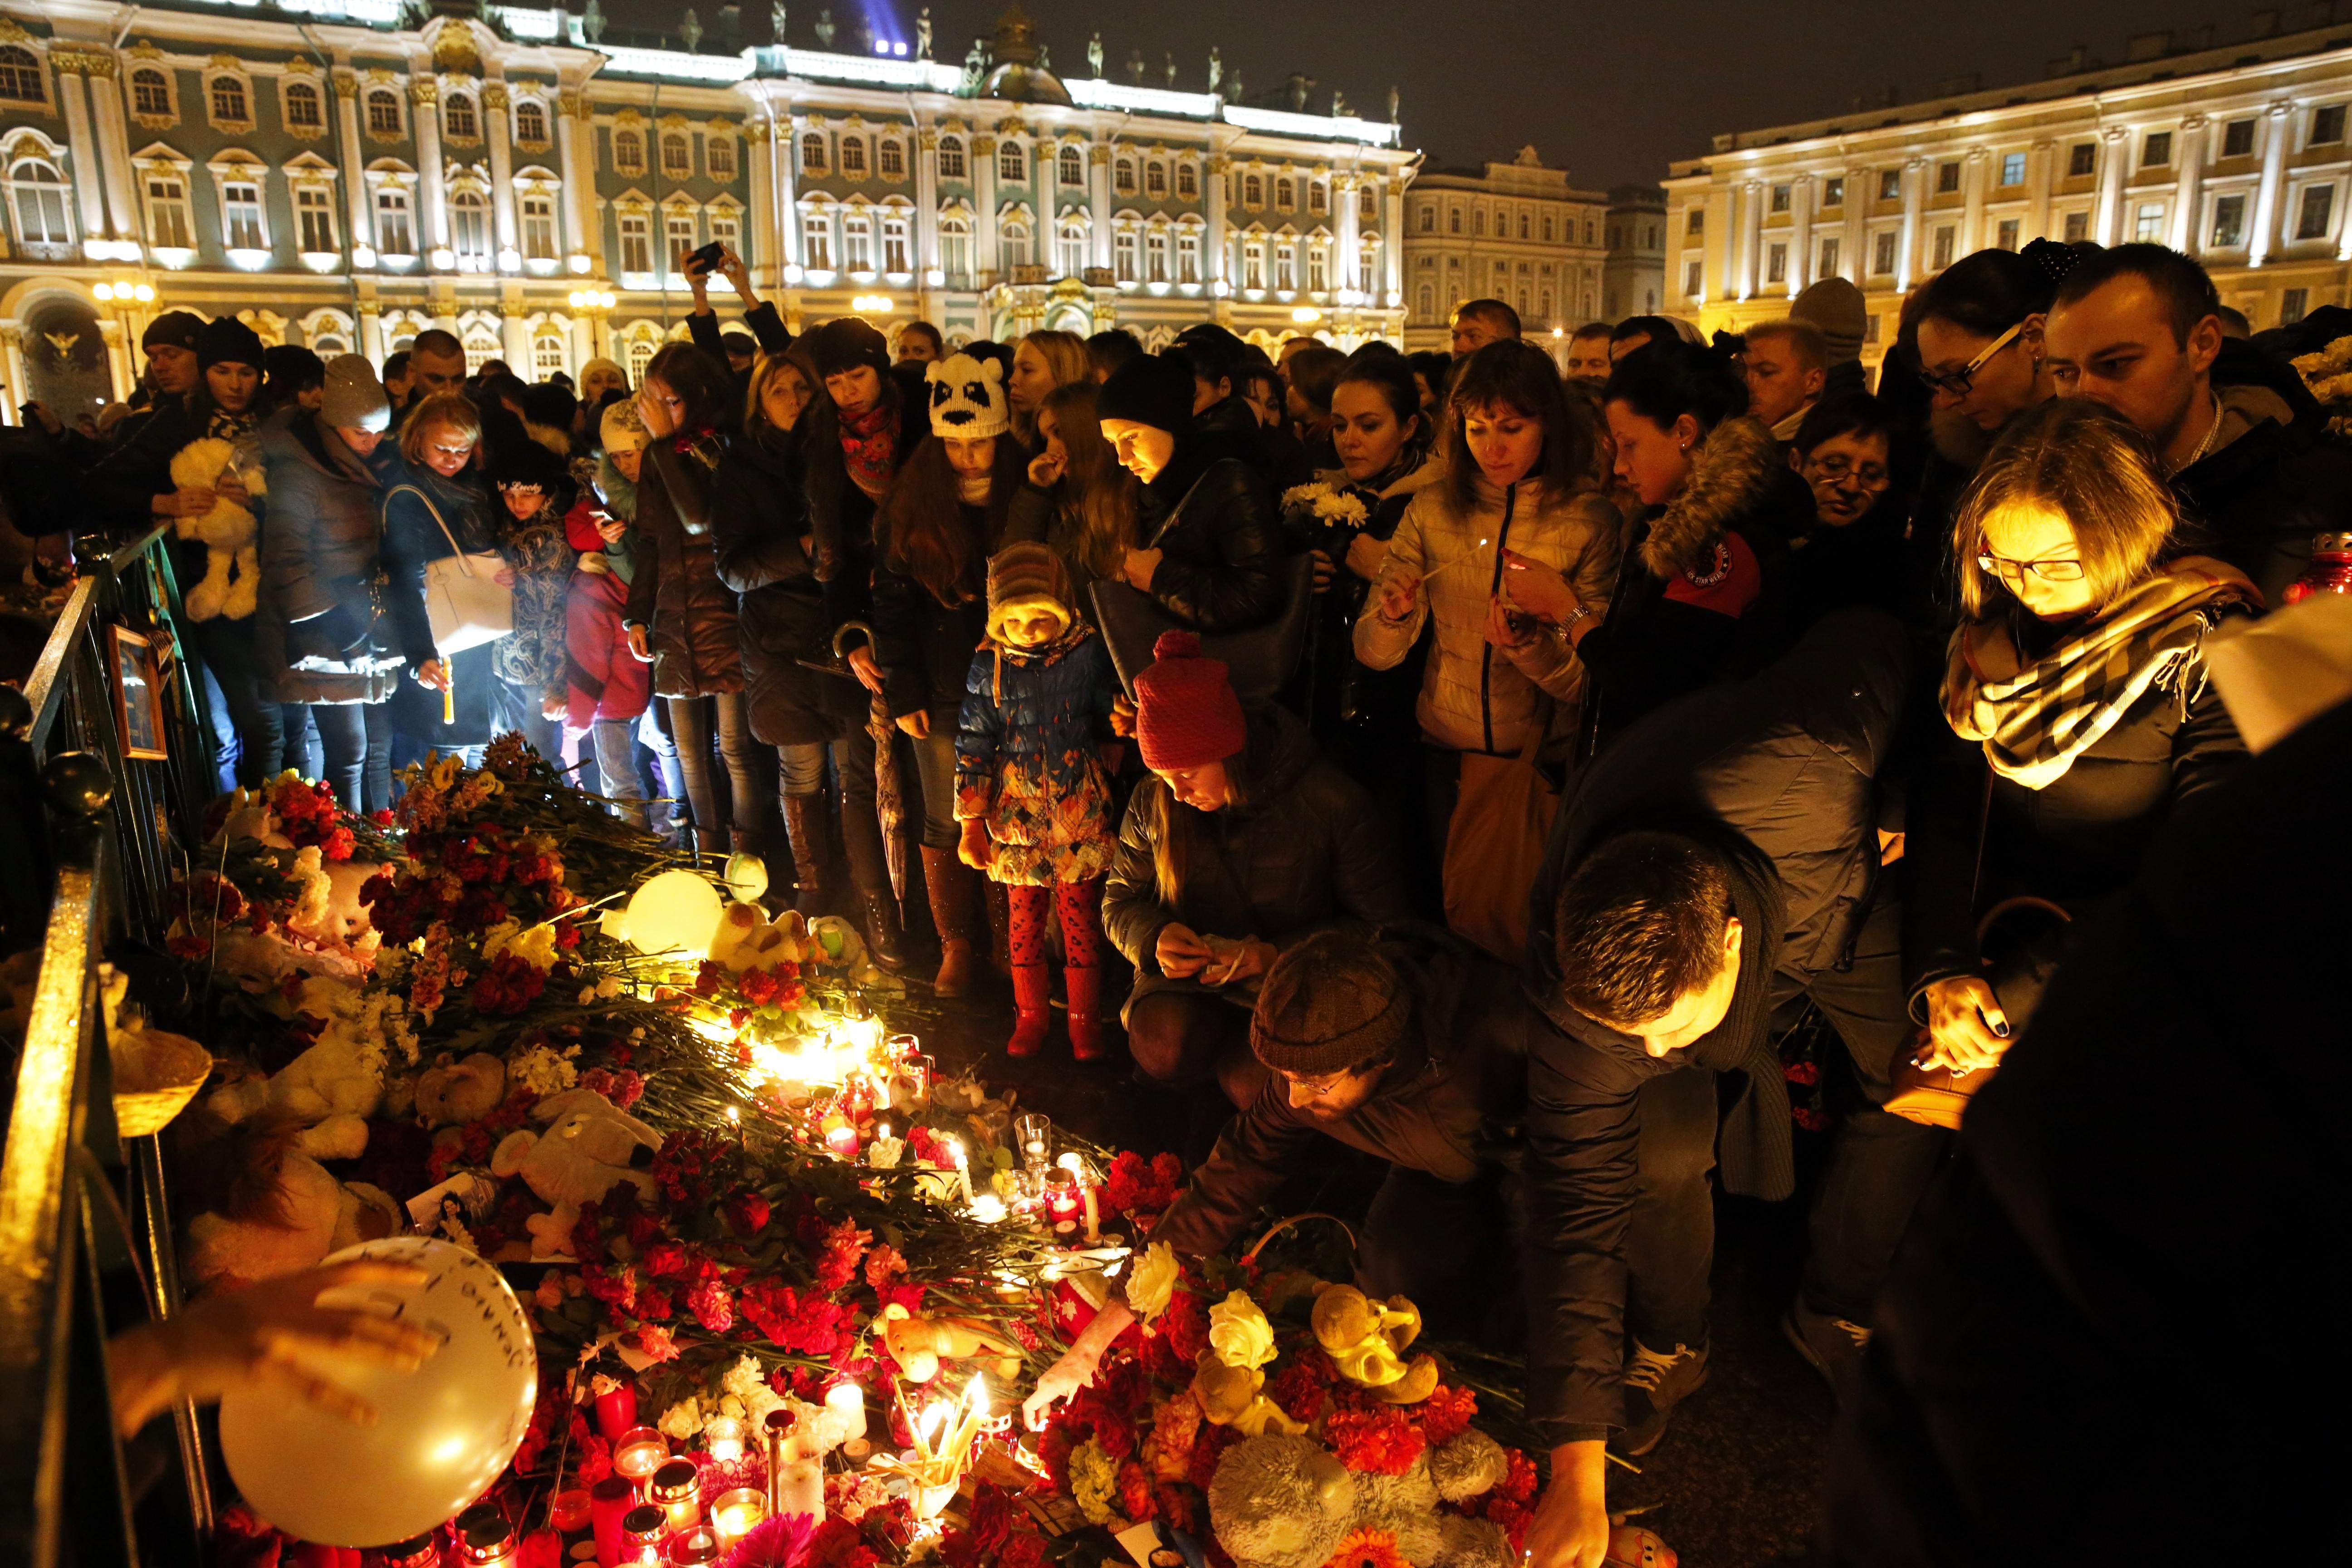 Nach dem tragischen Flugzeugabsturz in Ägypten mit 224 Todesopfern wurde der 1. November in Russland zum nationalen Trauertag erklärt. Menschen kamen mit Blumen und Kerzen auf den Dwortsowaja-Platz in Sankt Petersburg.